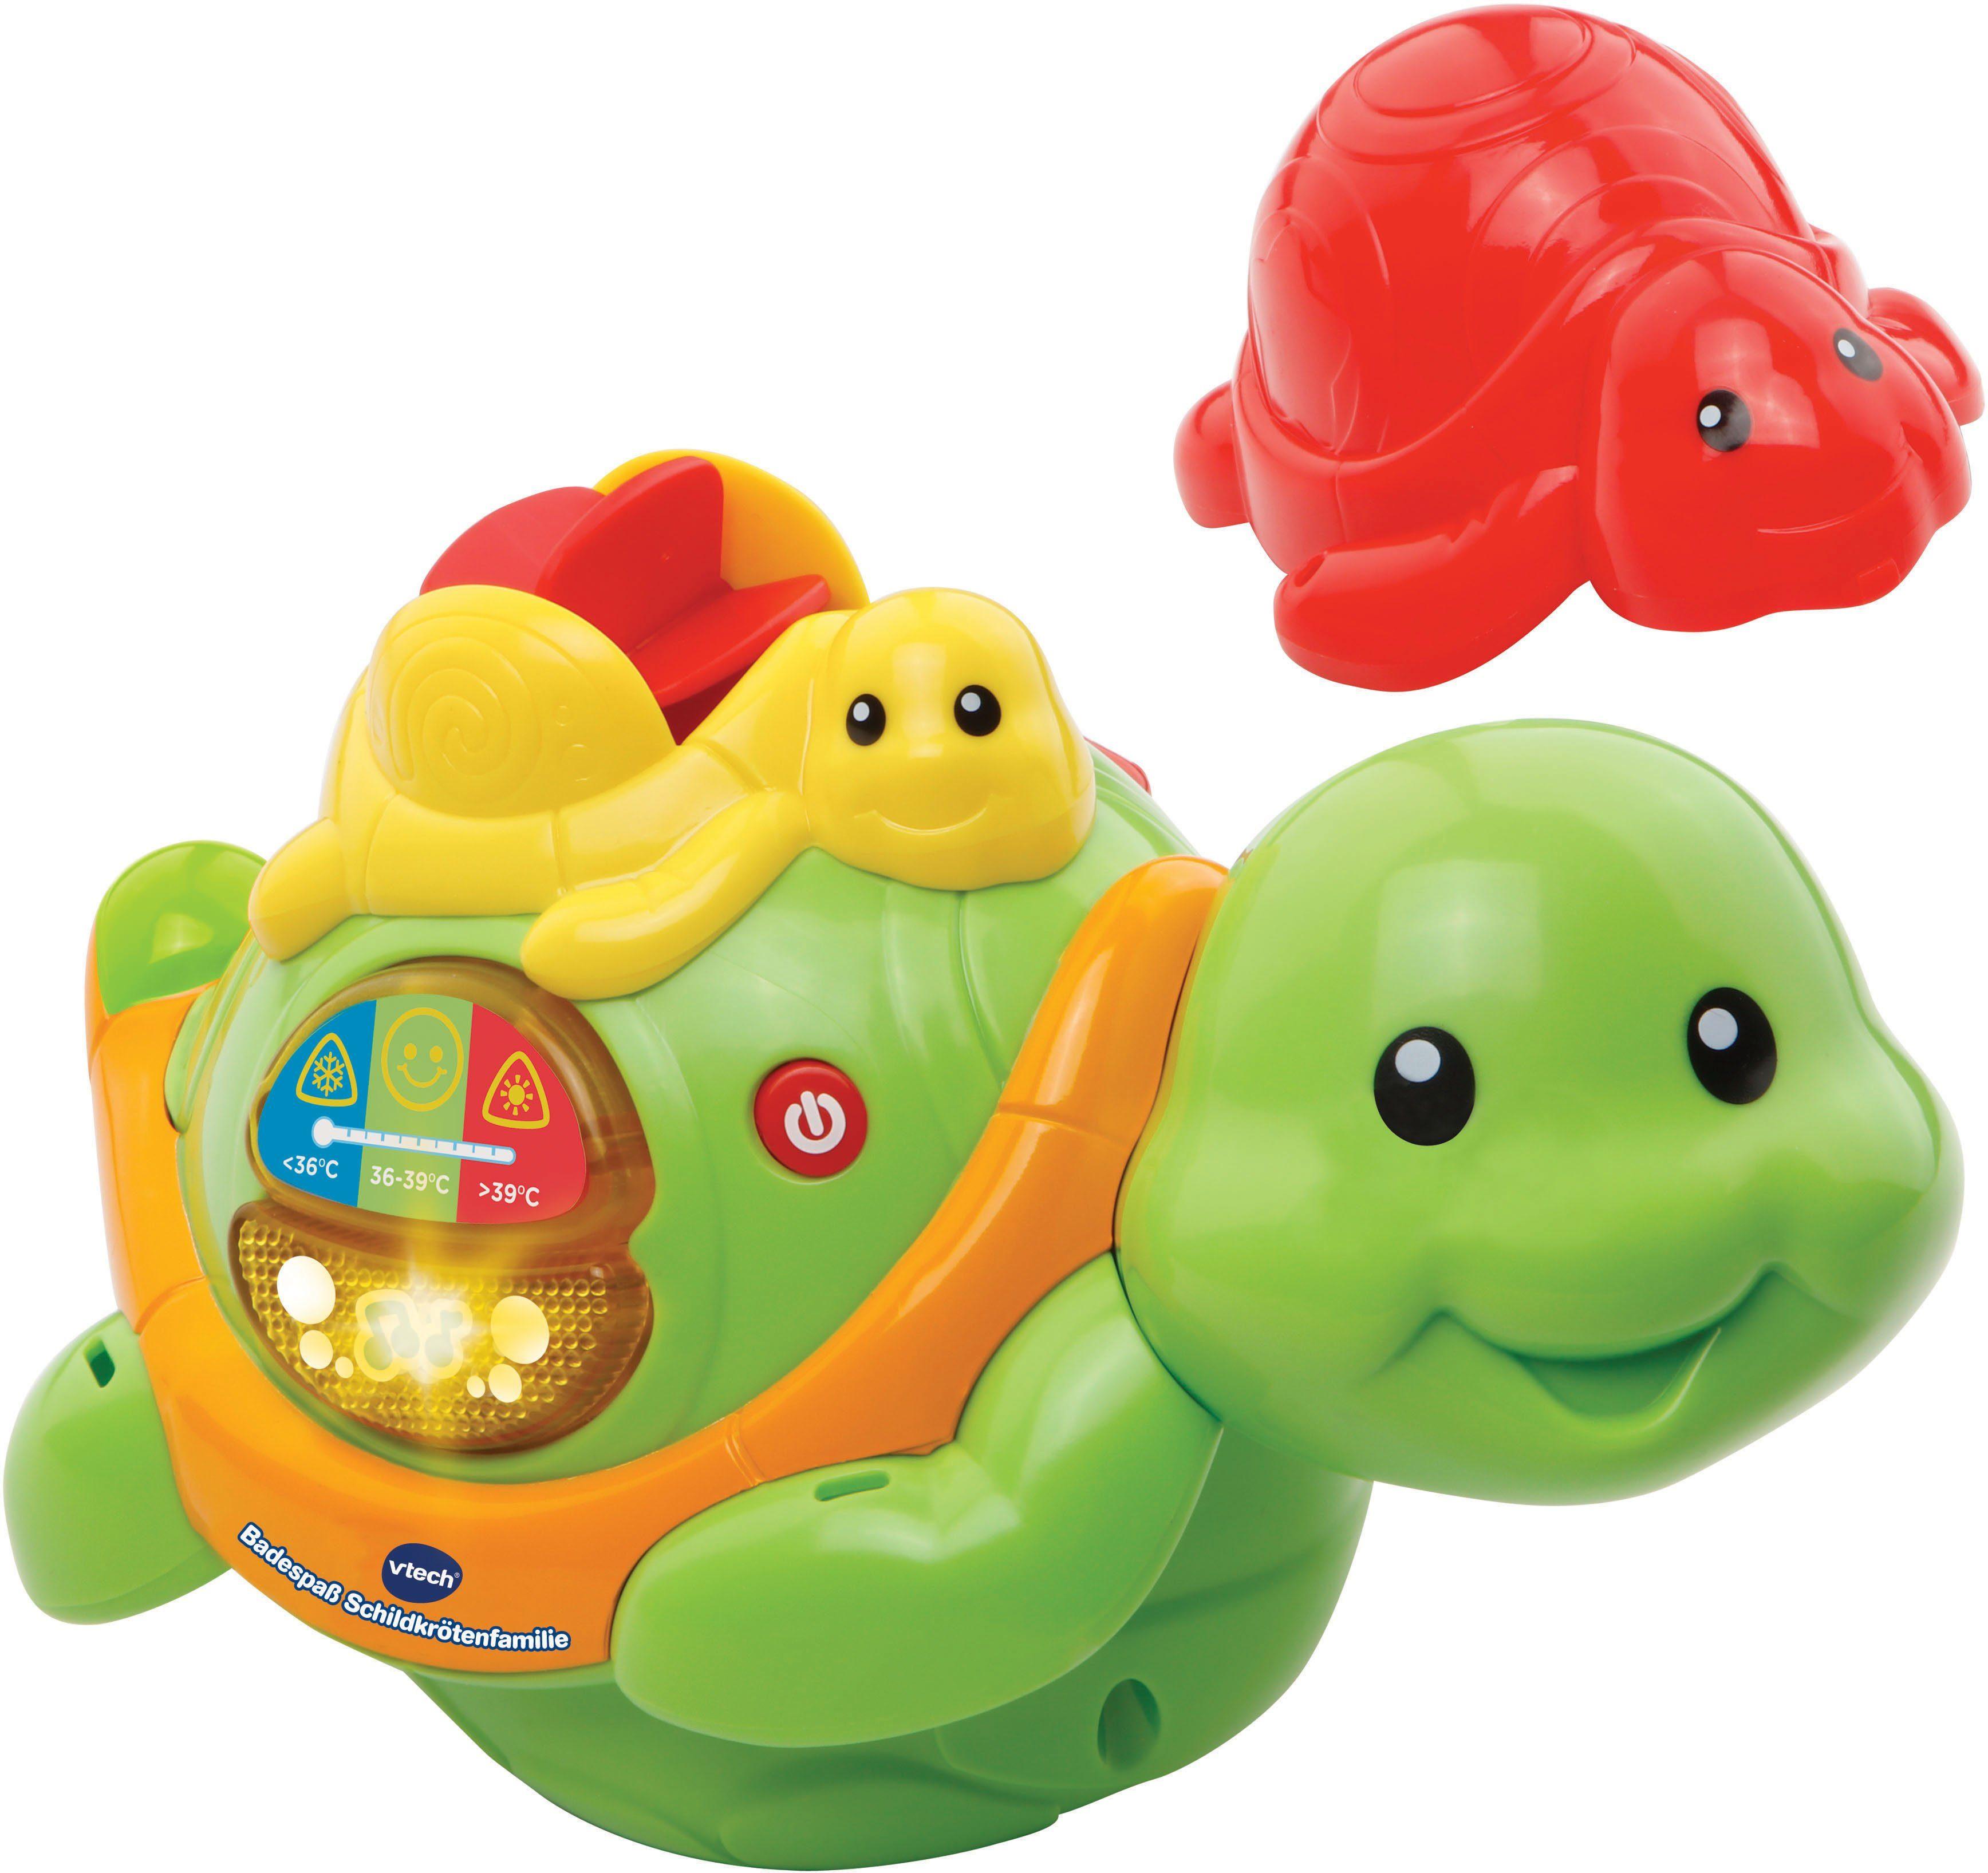 VTech Wasserspielzeug, »Badespaß Schildkrötenfamilie«